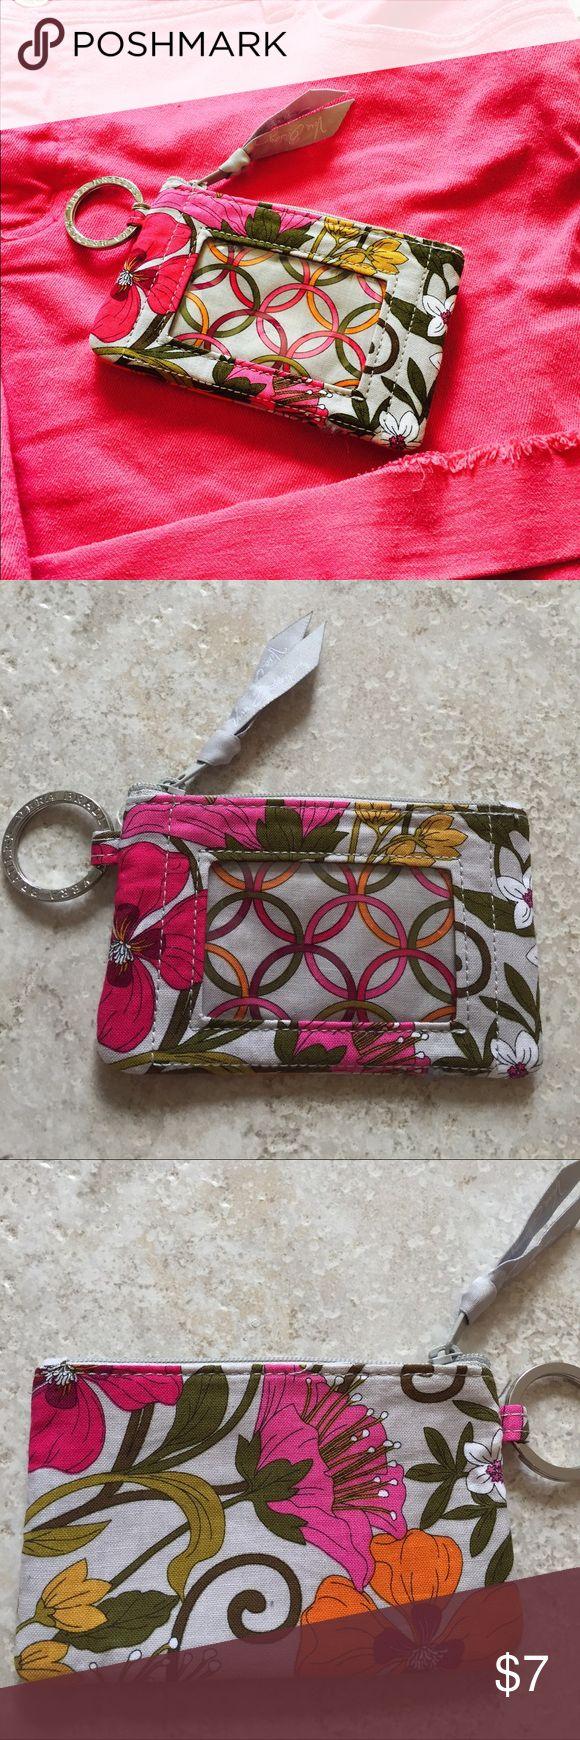 NWOT Vera Bradley ID Holder NWOT Vera Bradley ID holder in a fun grey, orange & pink floral pattern Vera Bradley Accessories Key & Card Holders